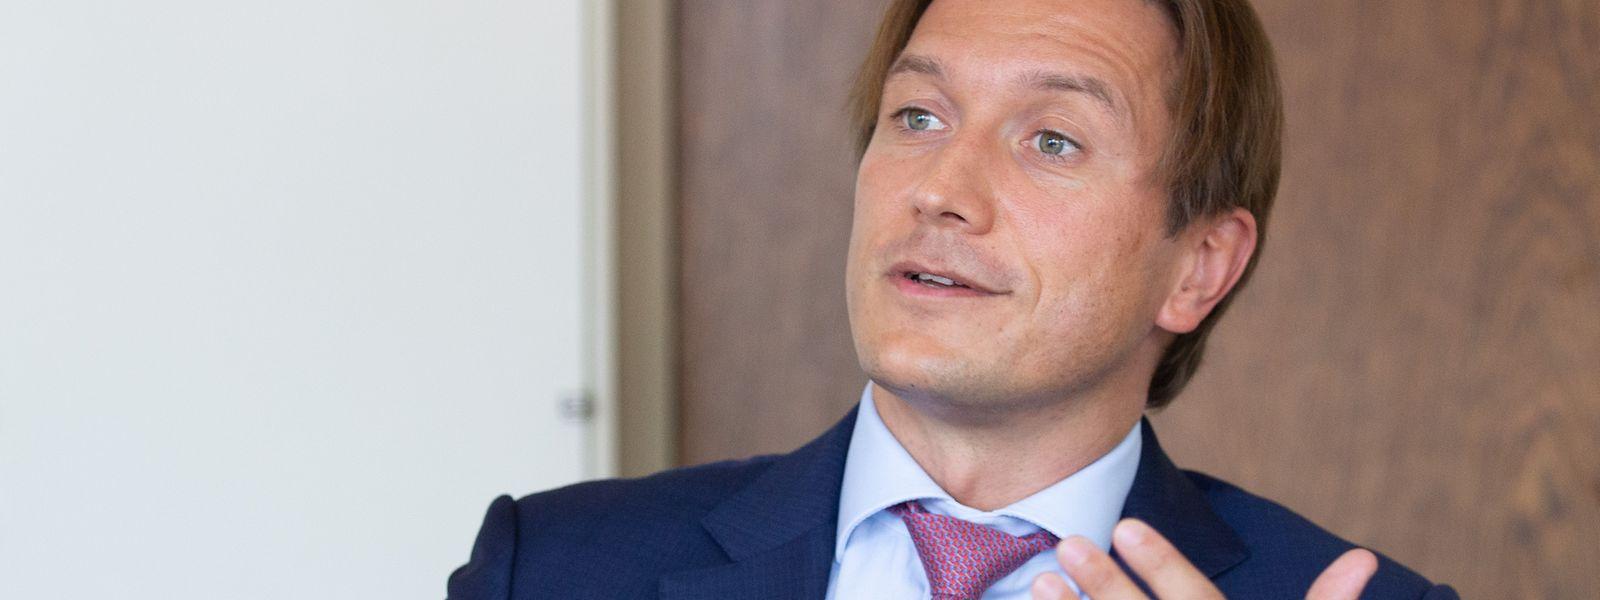 UEL-Direktor Jean-Paul Olinger sieht keine Notwendigkeit, mittels neuer Steuern das Haushaltsdefizit auszugleichen.